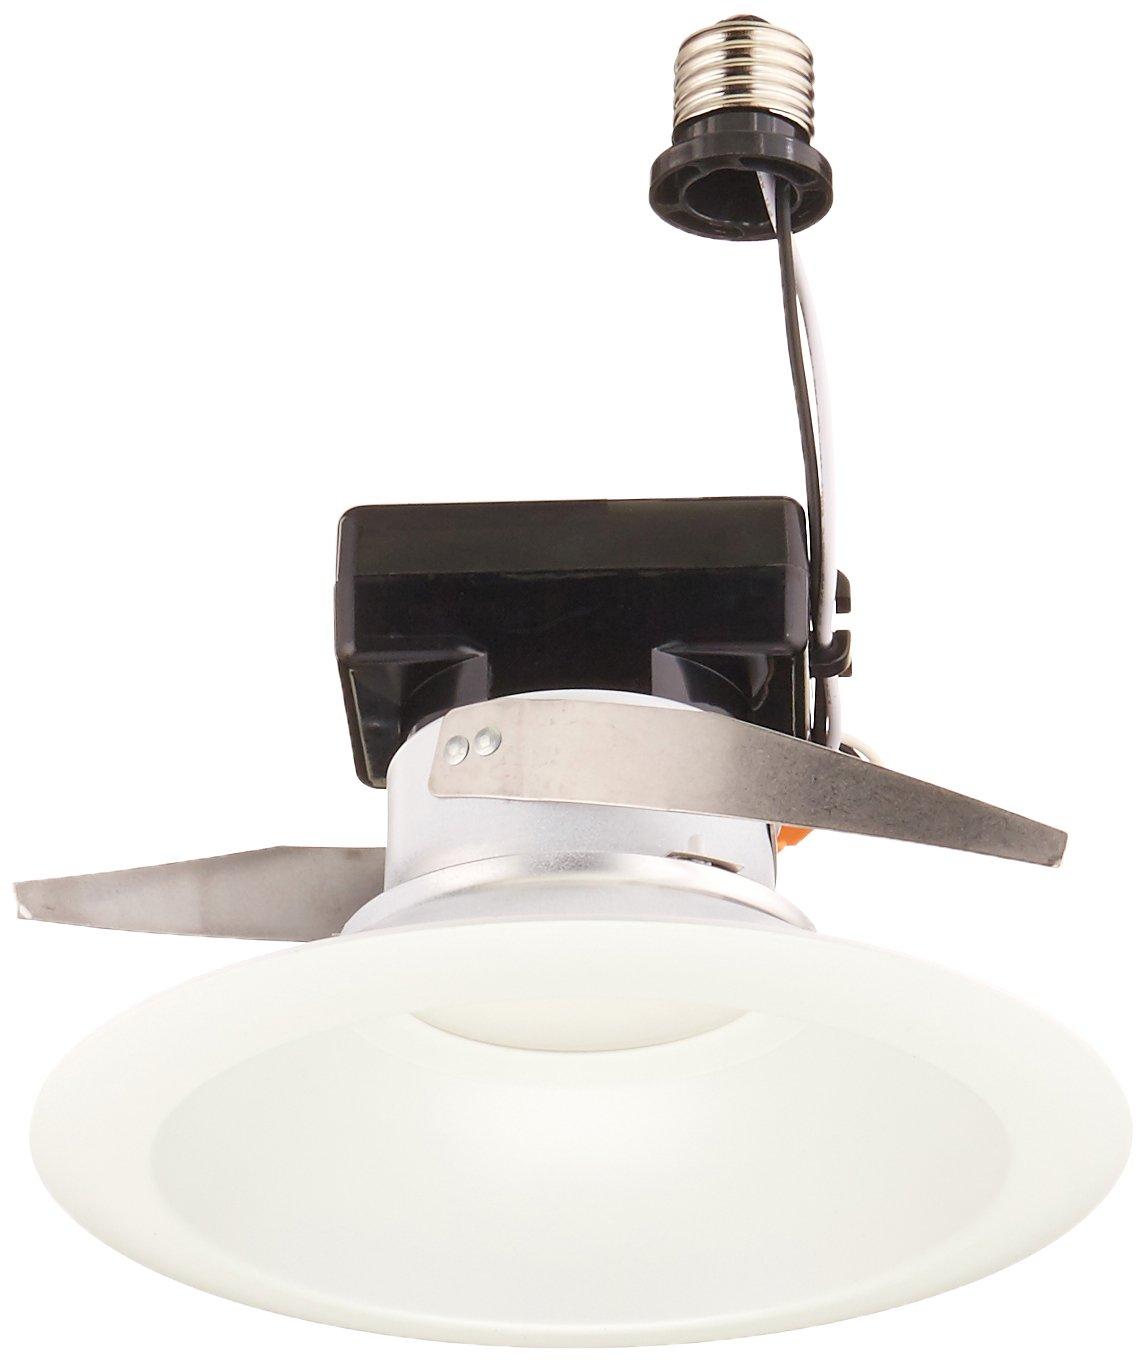 Hubbell-Prescolite LB6LEDA10L35KWH LB6LEDA10L35K WH Round LED Downlight Module, 6'', White